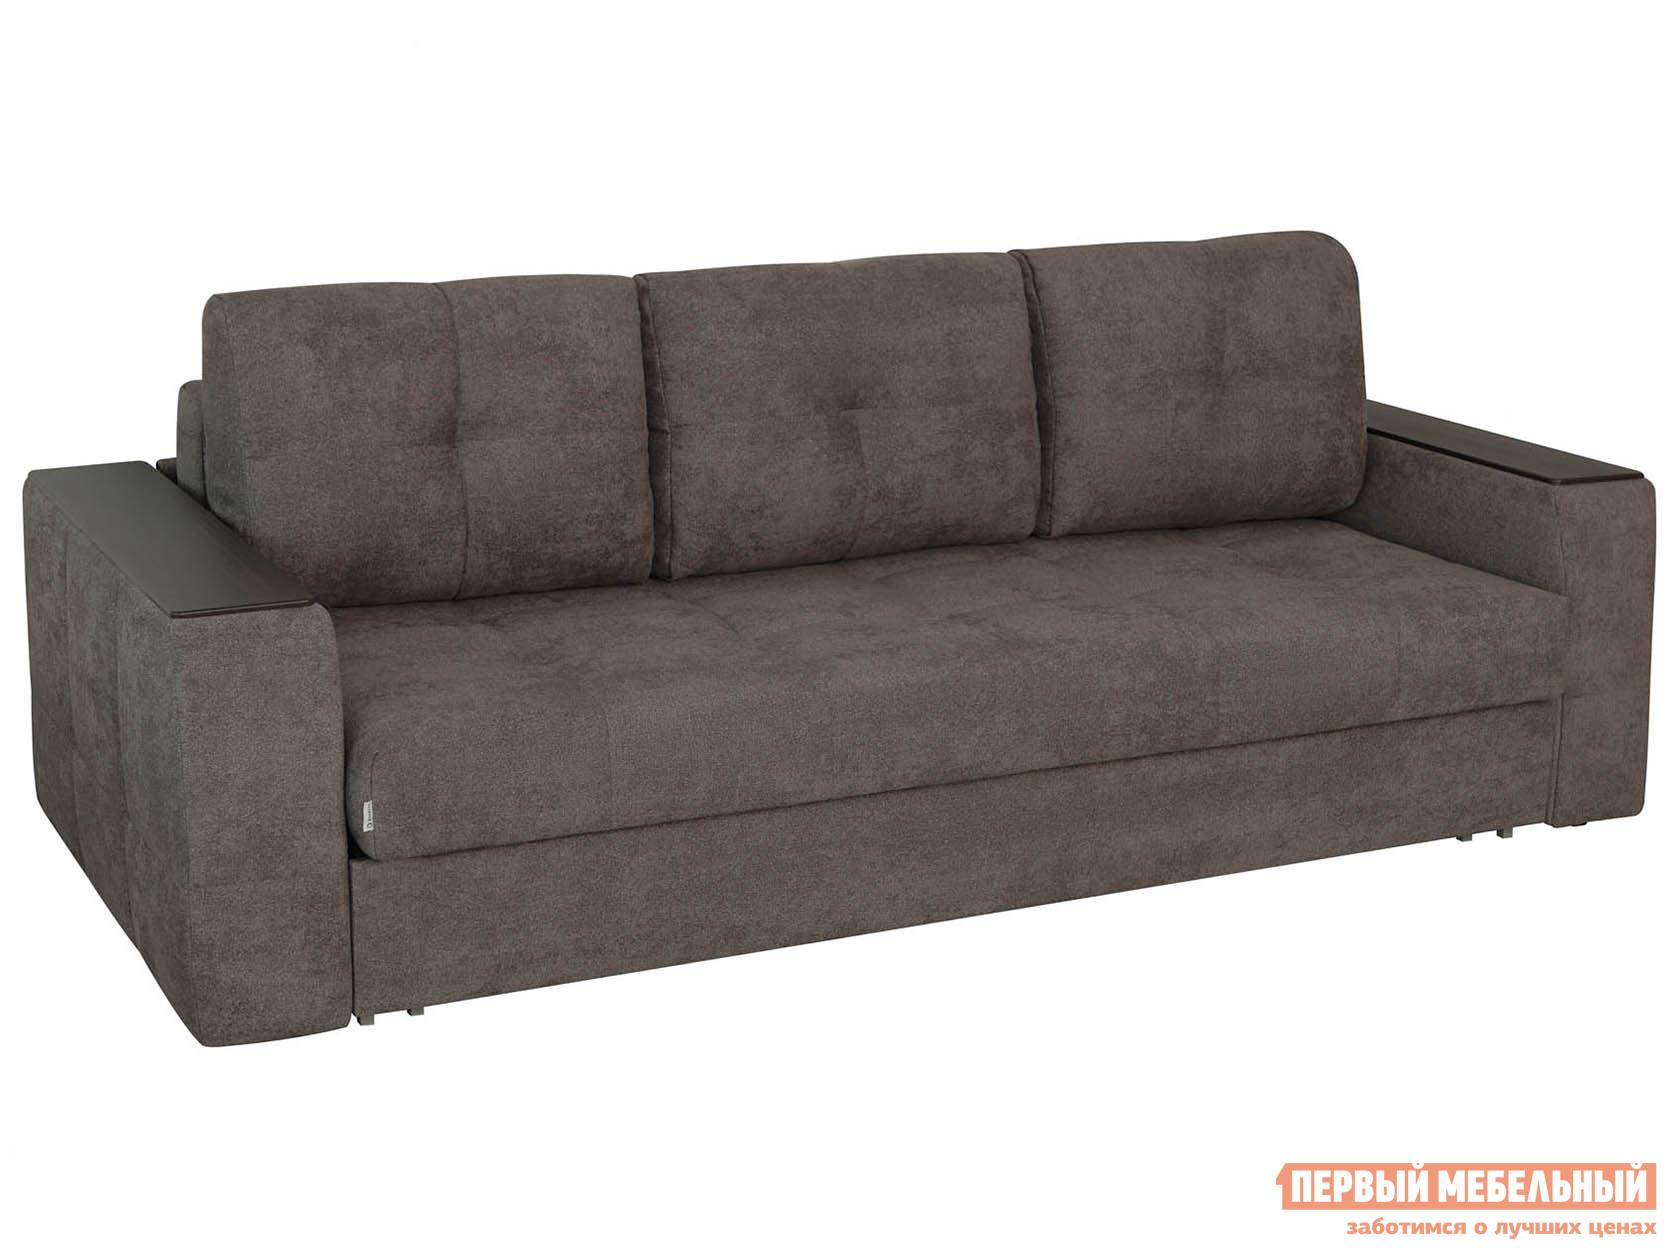 Прямой диван  Прямой диван Сиэтл 1 Люкс Кофе, велюр — Прямой диван Сиэтл 1 Люкс Кофе, велюр